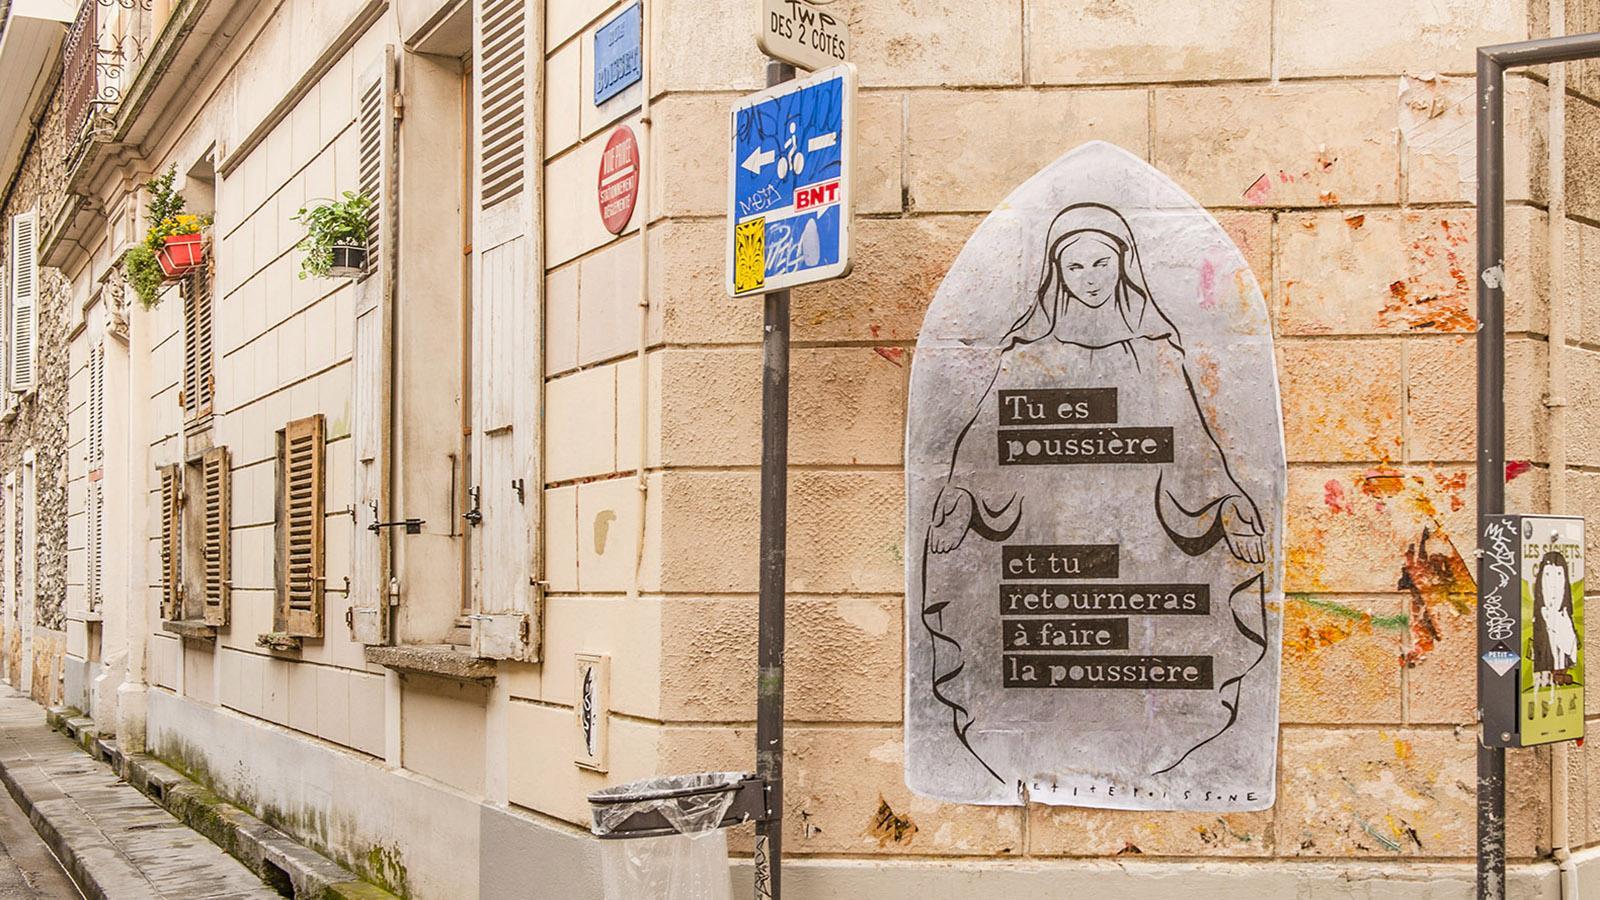 Tu es poussiere - Du bist Staub: Auch dieses Stencil findet ihr im Stadtteil Championnet von Grenoble. Foto: Hilke Maunder